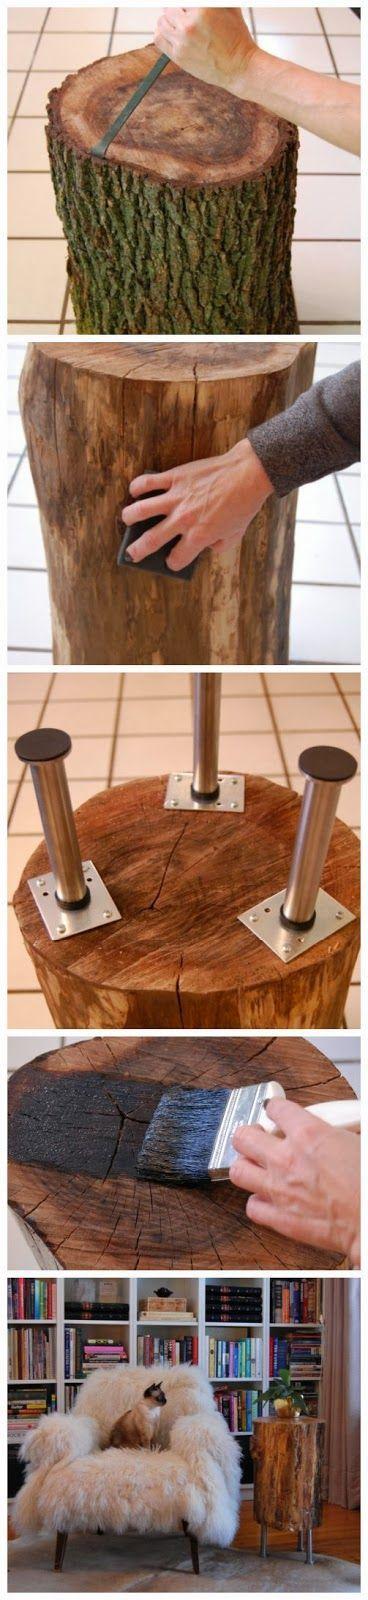 Rustikales filigran in Szene gesetzt: Mit diesem DIY-Tipp kreieren Sie aus wenigen Materialien und einem einfachen Holzscheit einen wundervollen Beistelltisch. #DIY #Holz #Einrichten #Inneneinrichtung #Tisch #Hocker